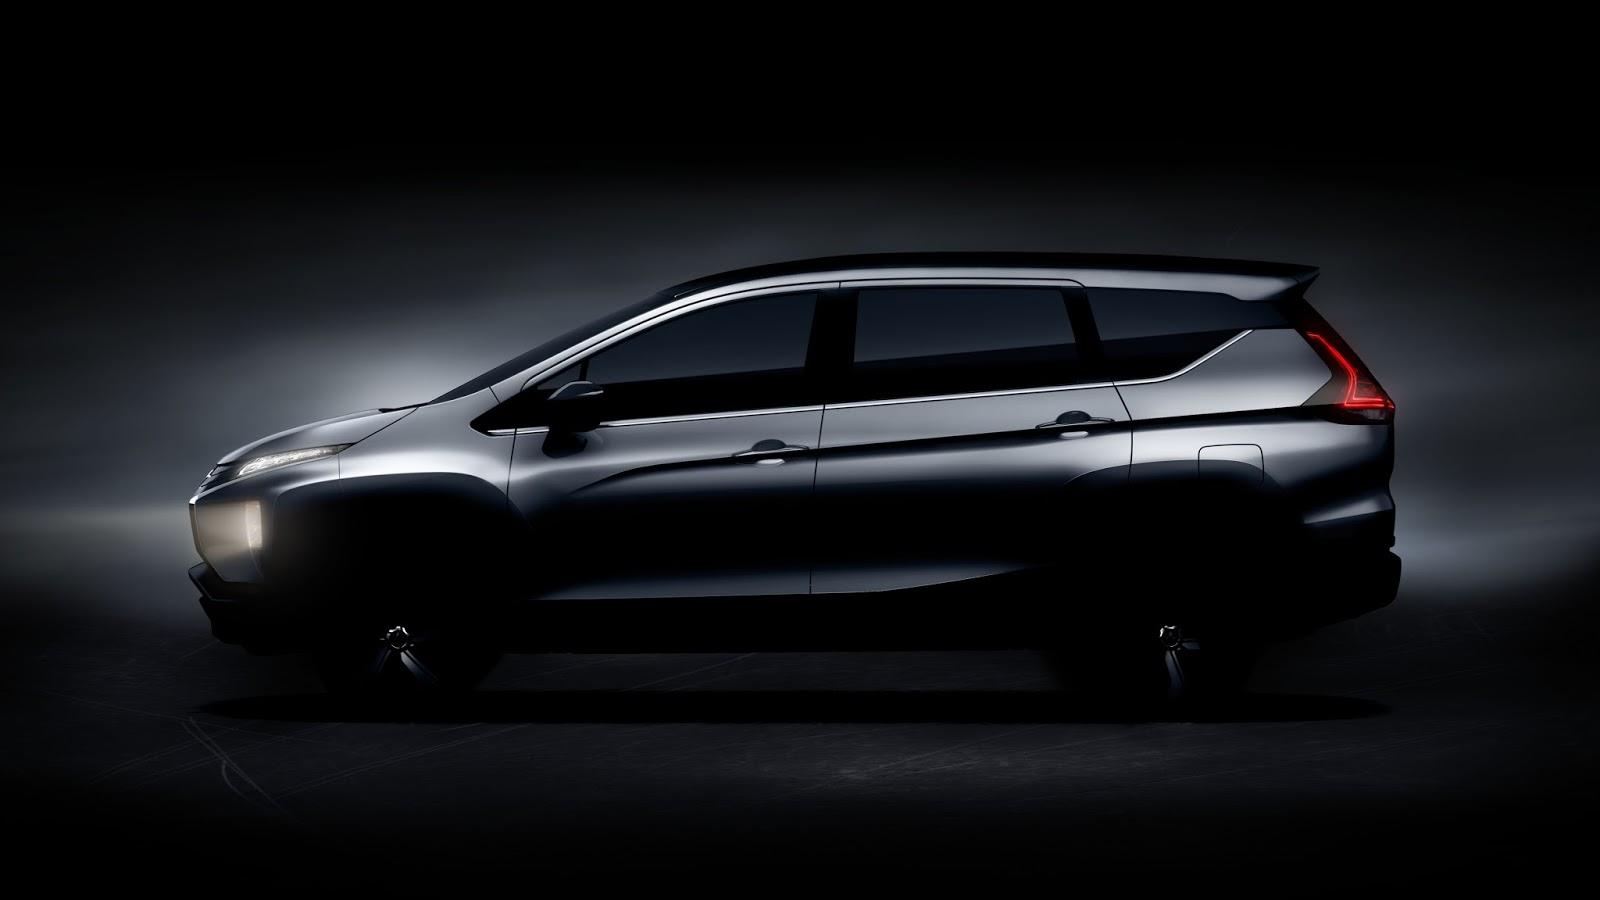 Η Mitsubishi Motors Corporation (MMC) ανακοίνωσε την παγκόσμια παρουσίαση του νέου της Μικρού Crossover MPV στο 25ο GAIKINDO Indonesia International Auto Show (GIIAS)